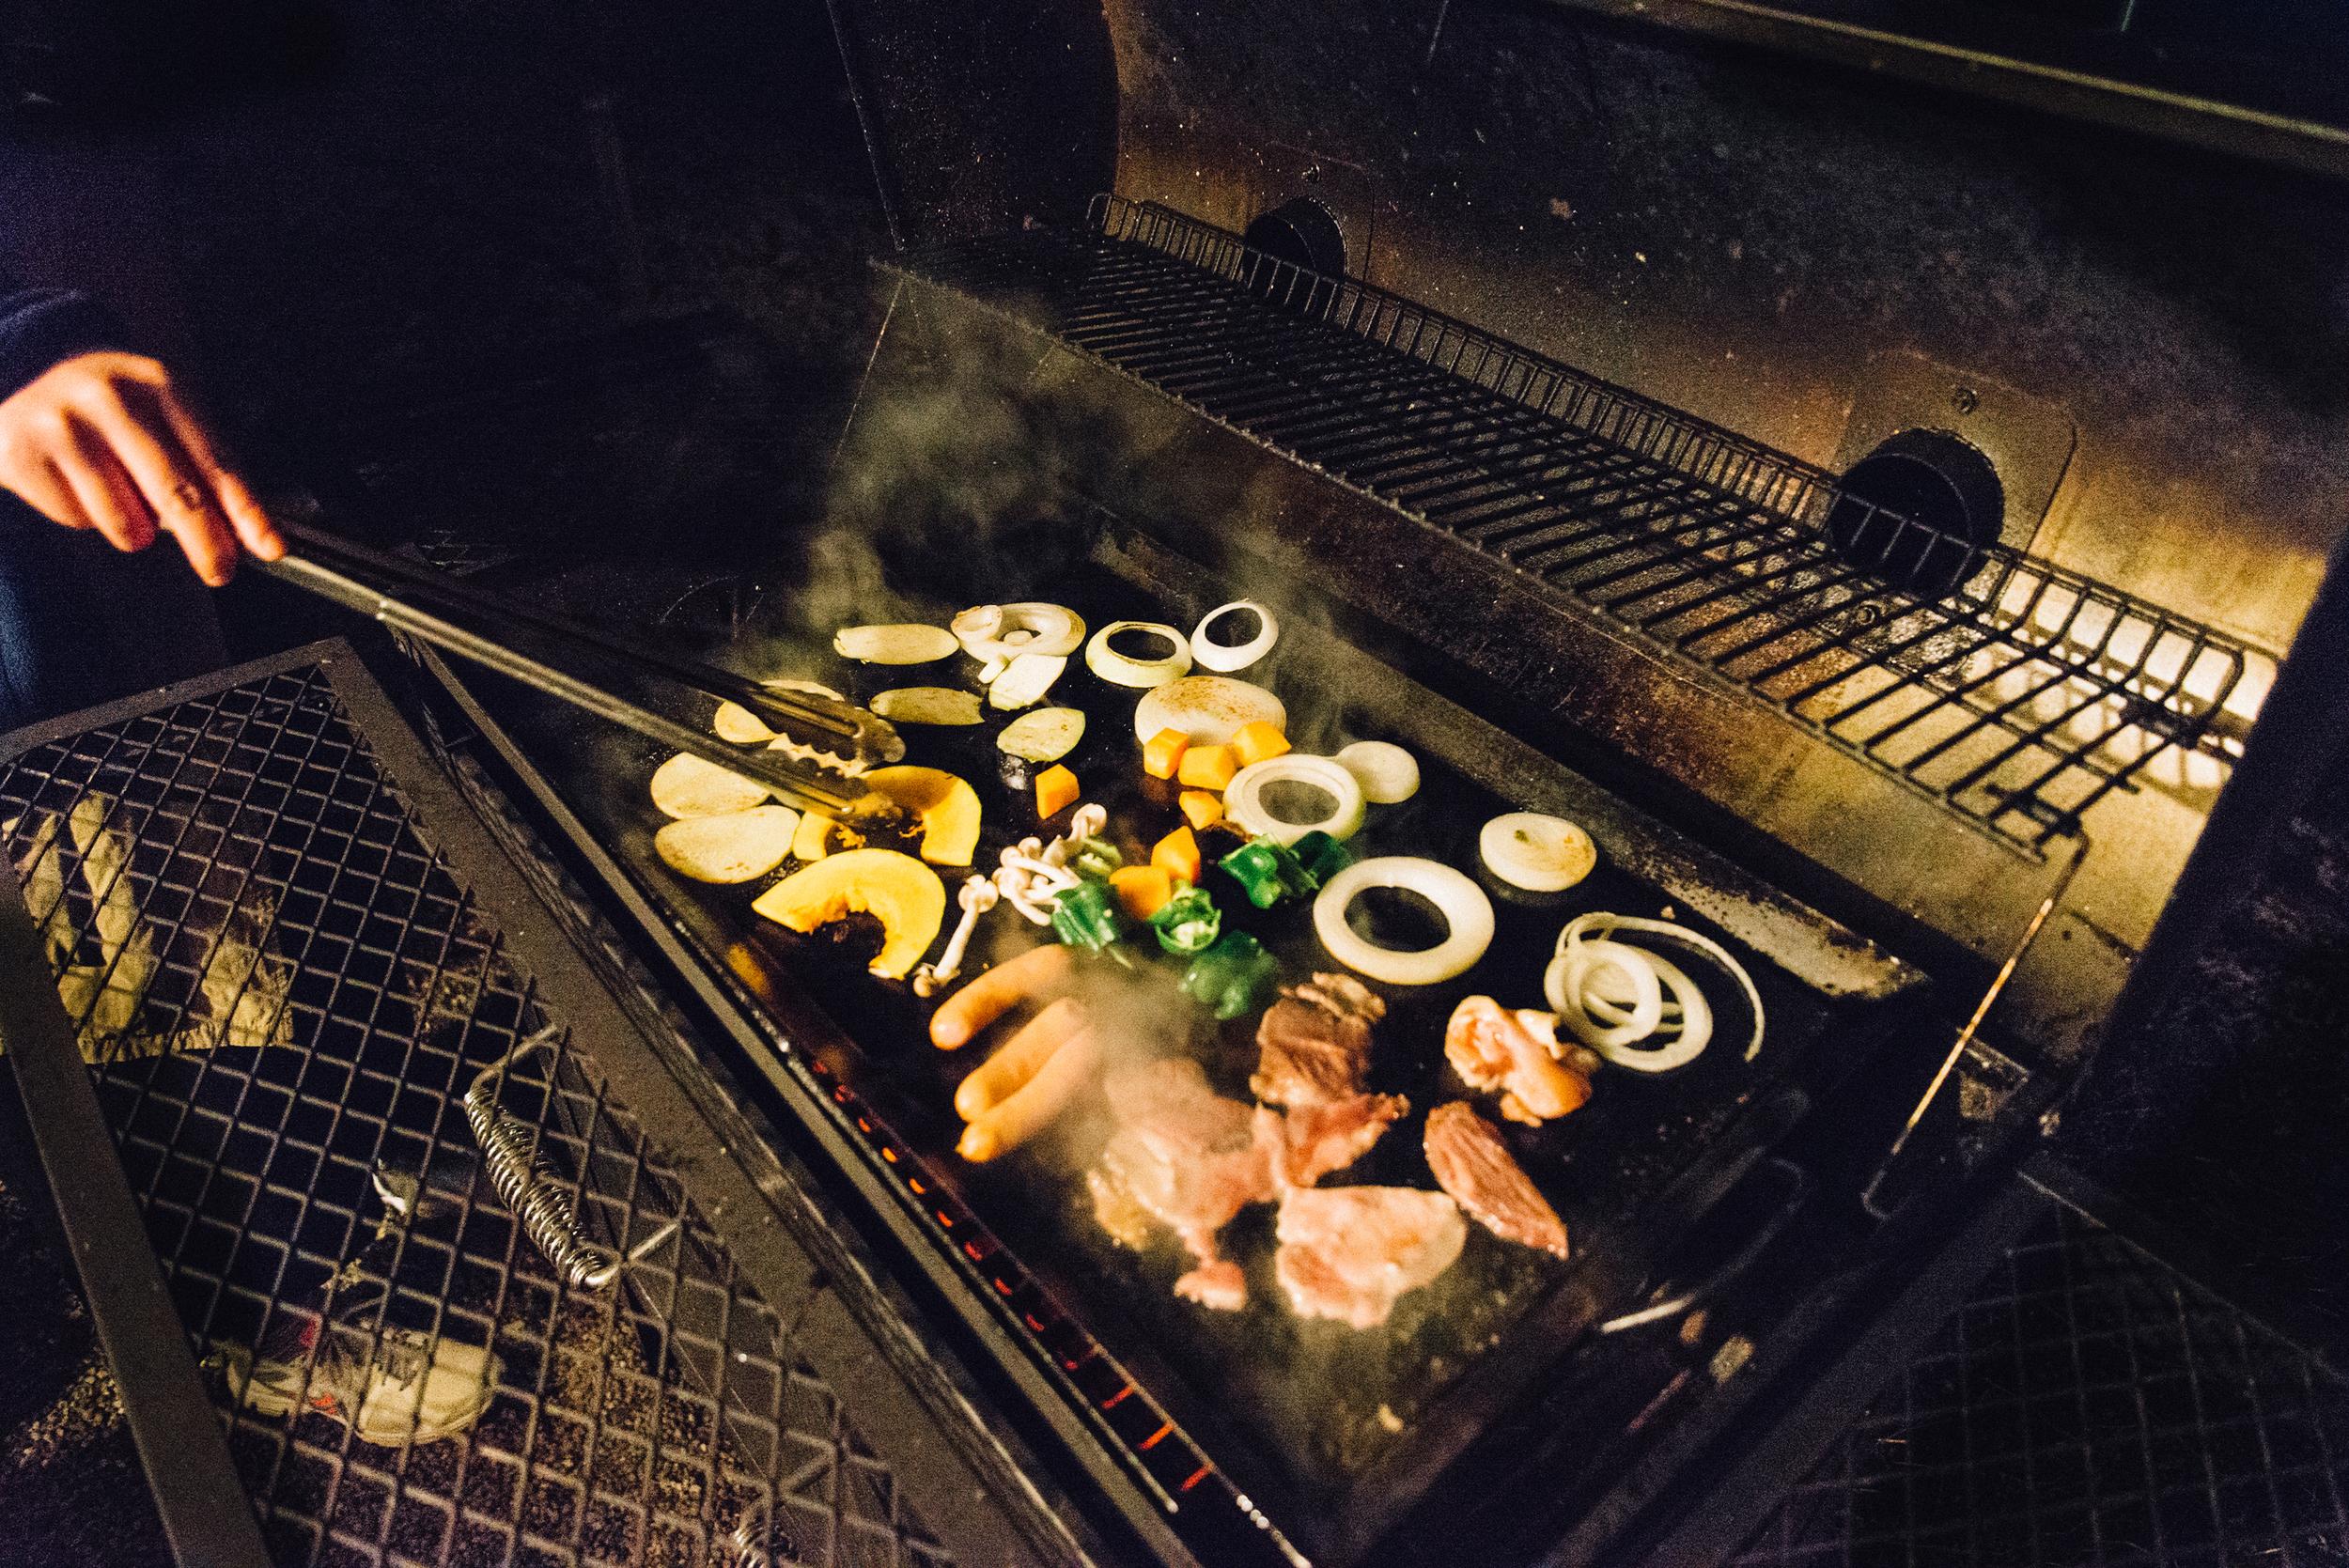 將TAPA露營場提供的材料洗淨、切塊,放上炭爐上燒烤,最後炒出一盤什錦炒麵則成為今晚的「自慢料理」。